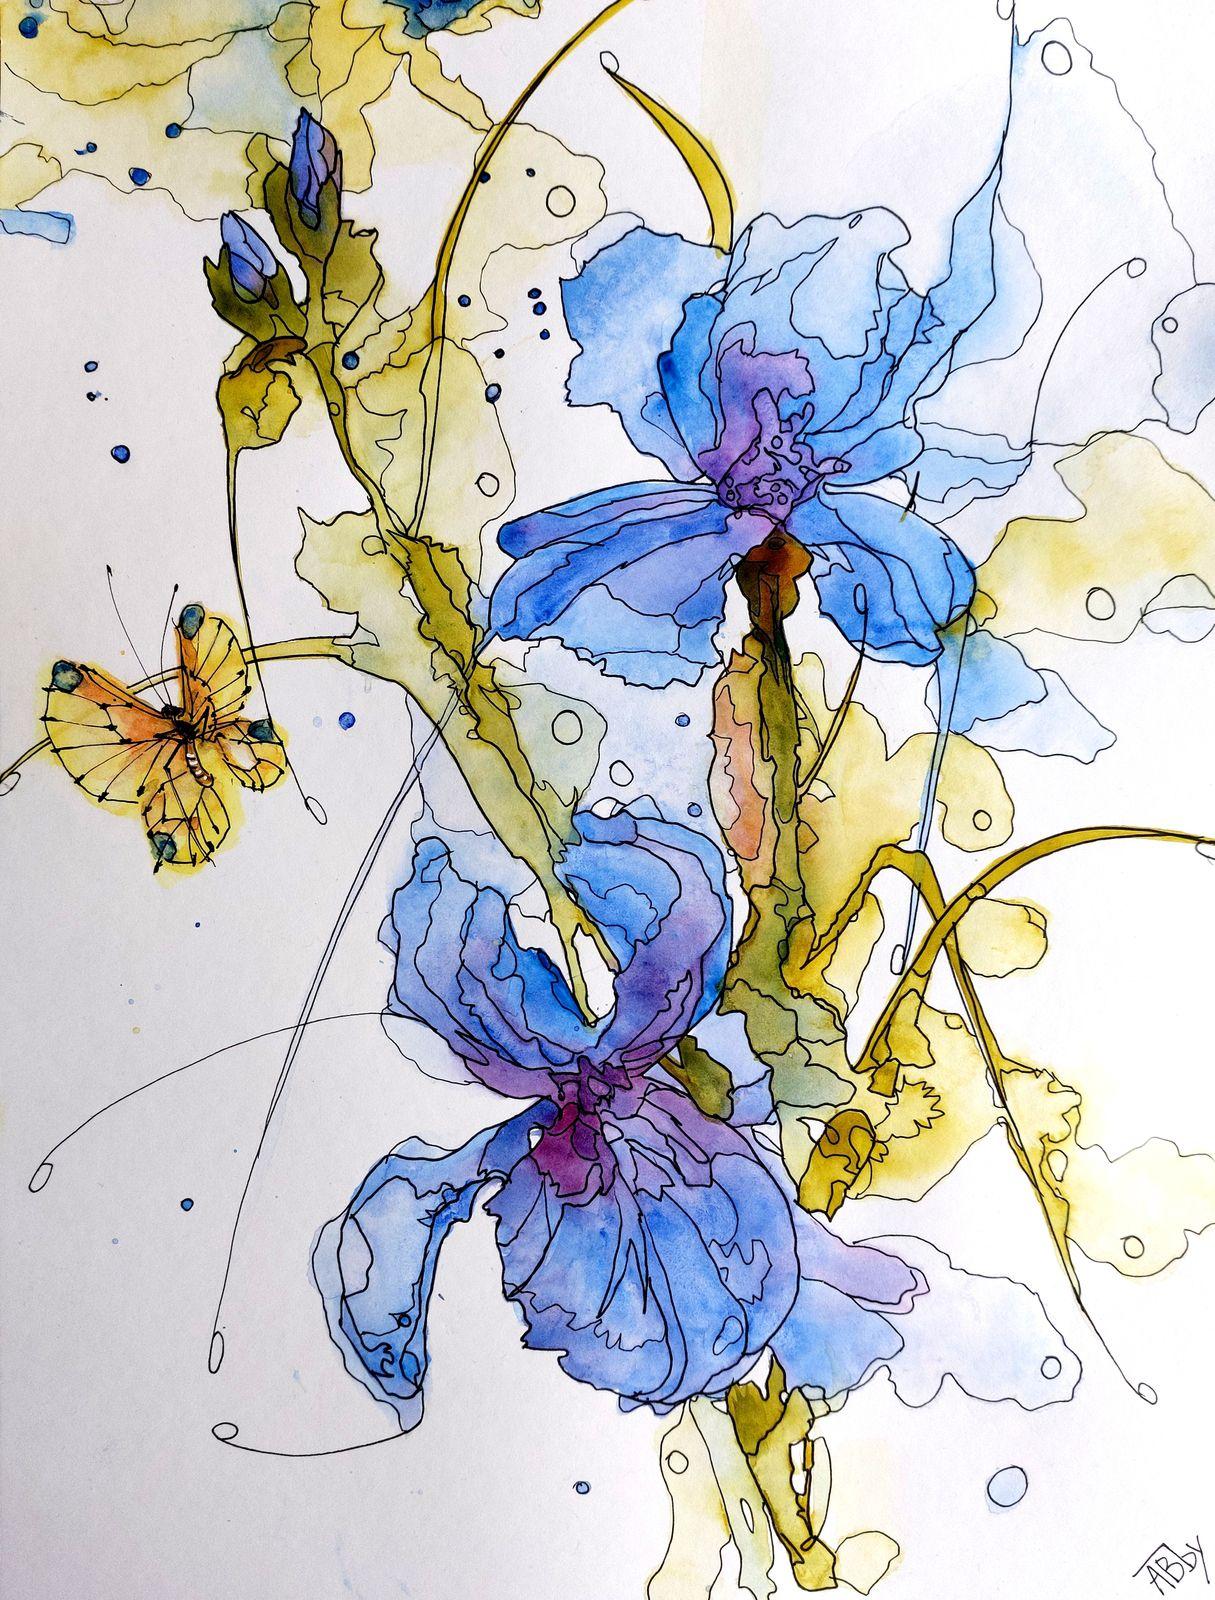 Aquarelle abby watercolor fleurs papillon sumi-e